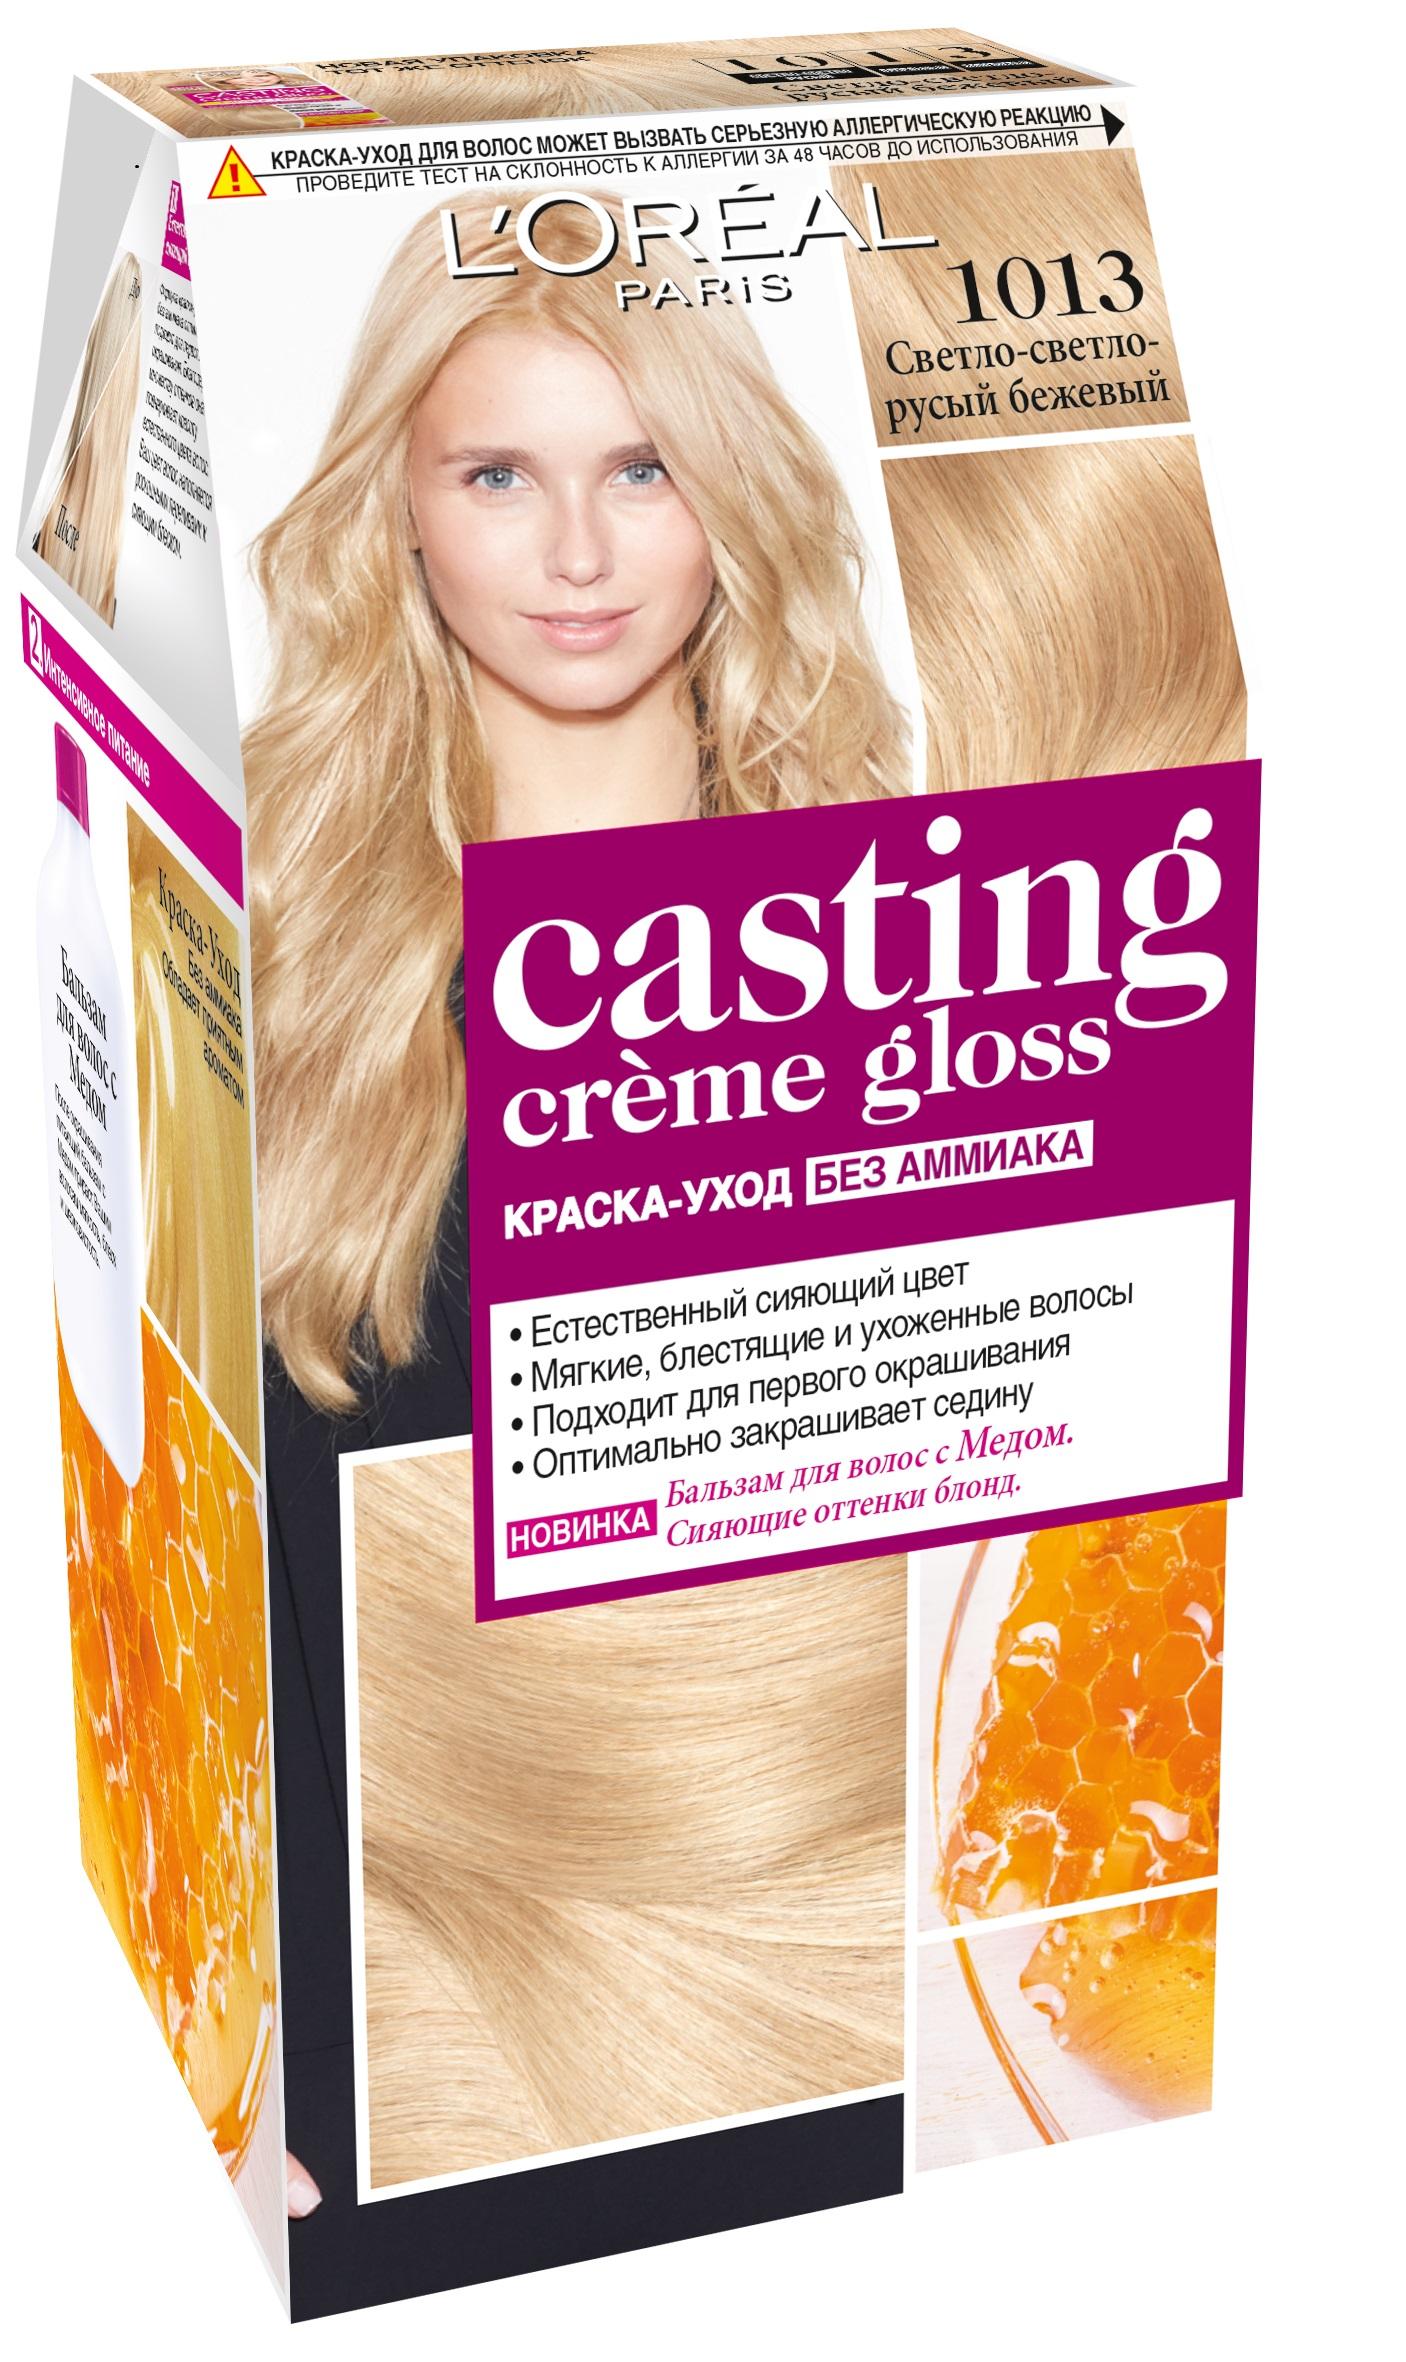 Краска для волос L`Oreal Paris Casting Creme Gloss Светло-светло-русый бежевый тон 1013